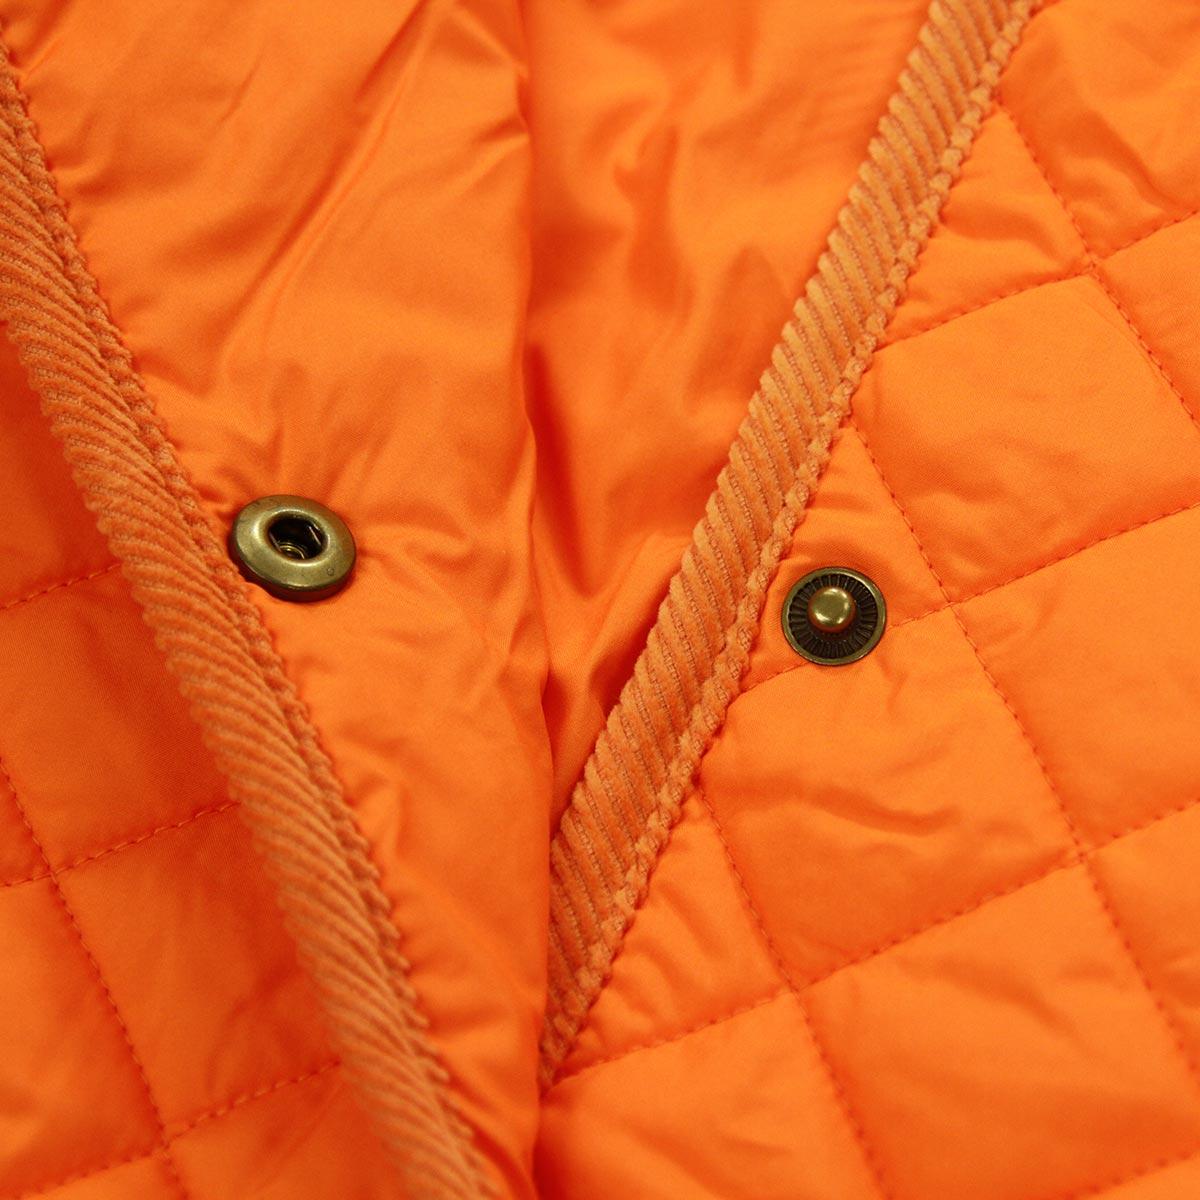 ポロ ラルフローレン キッズ POLO RALPH LAUREN CHILDREN 正規品 子供服 ガールズ キルティングジャケット Shawl-Collar Quilted Jacket #22469976 ORANGE A63B B6C C1D D4E E10F